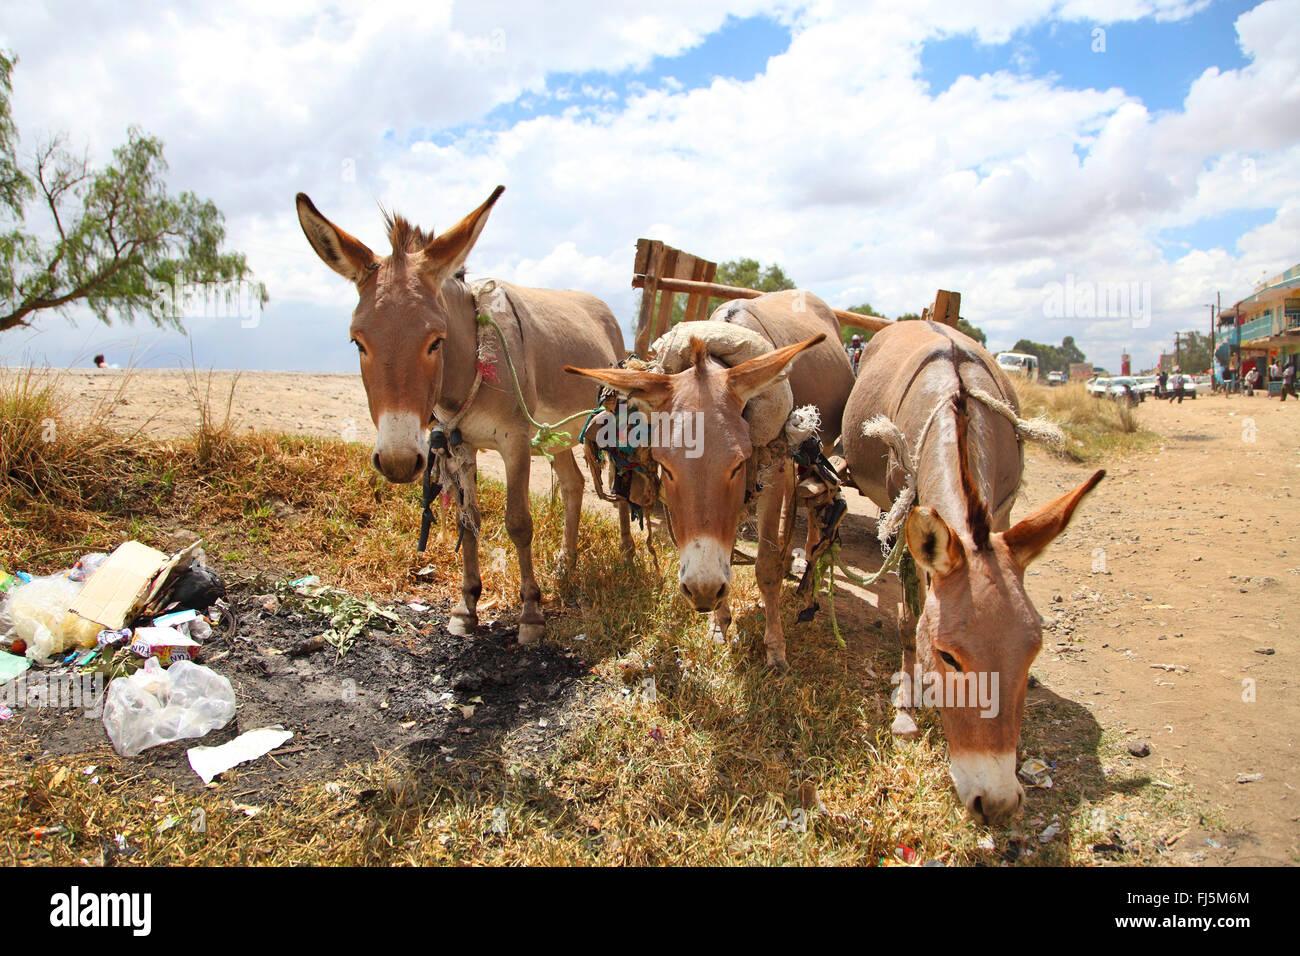 Asno doméstico (Equus asinus asinus), tres burros domésticos, Kenya Imagen De Stock